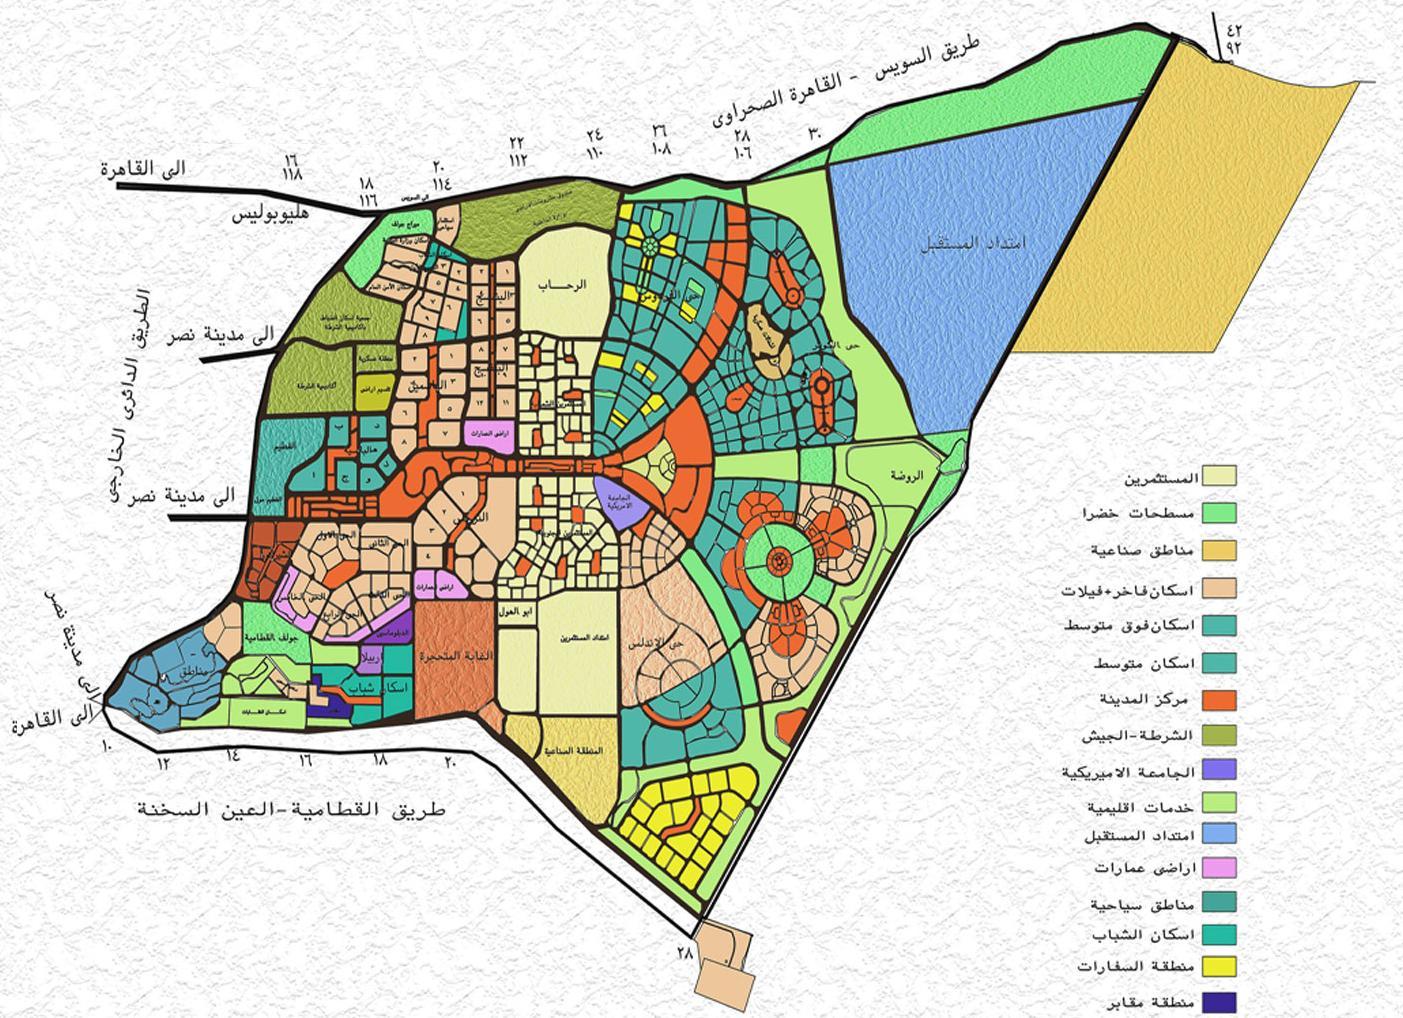 القاهرة الجديدة Wikiwand